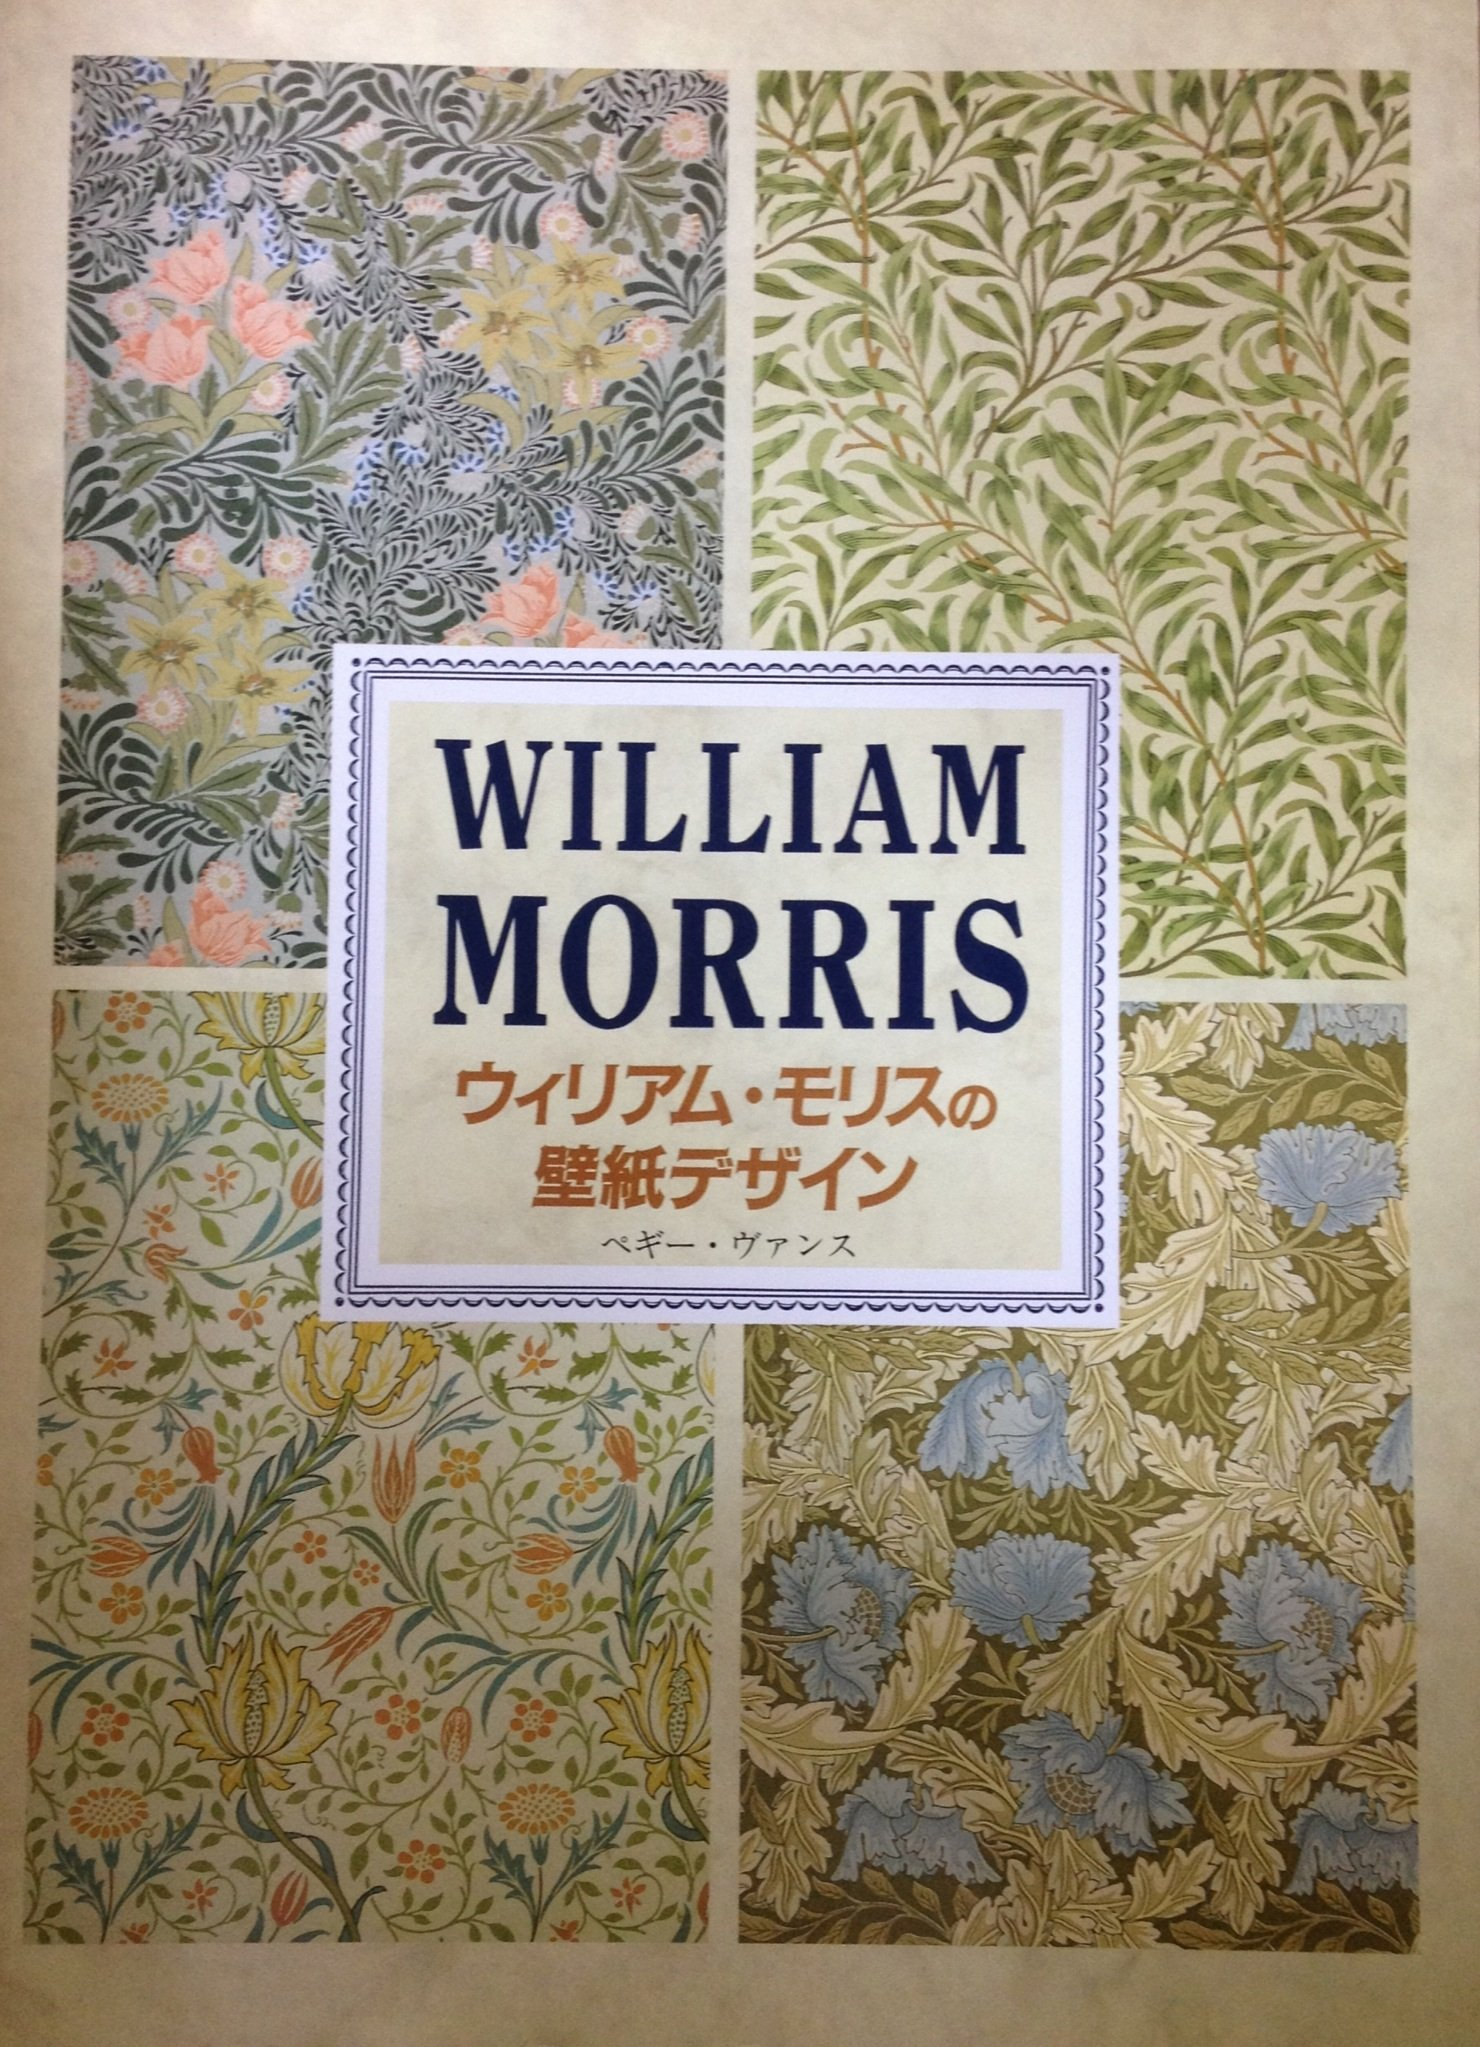 ウィリアム モリスの壁紙デザイン